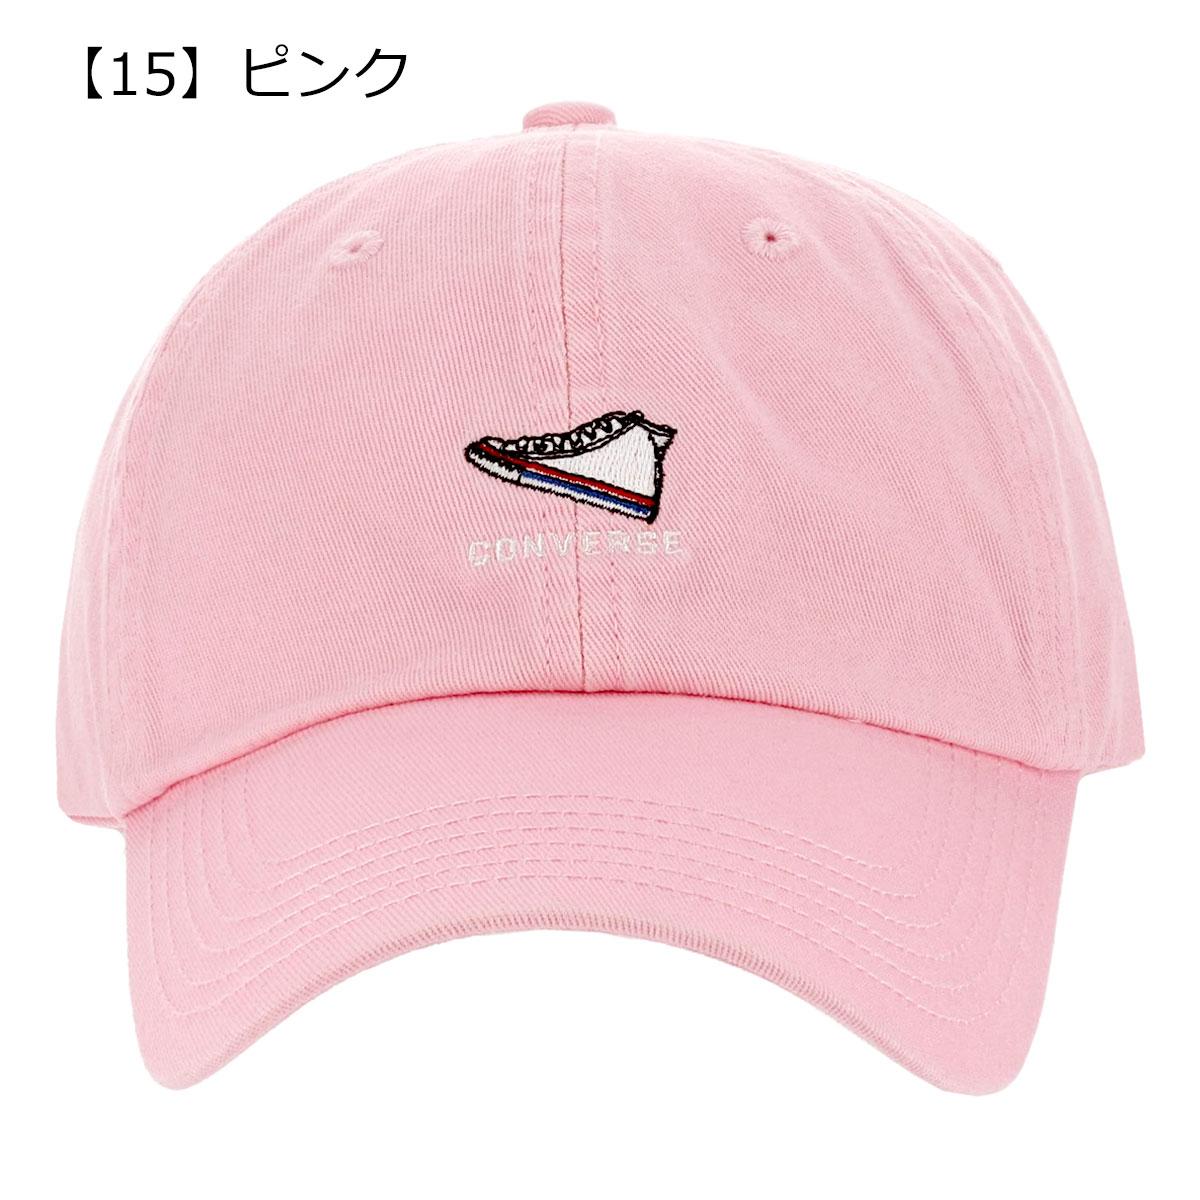 【15】ピンク